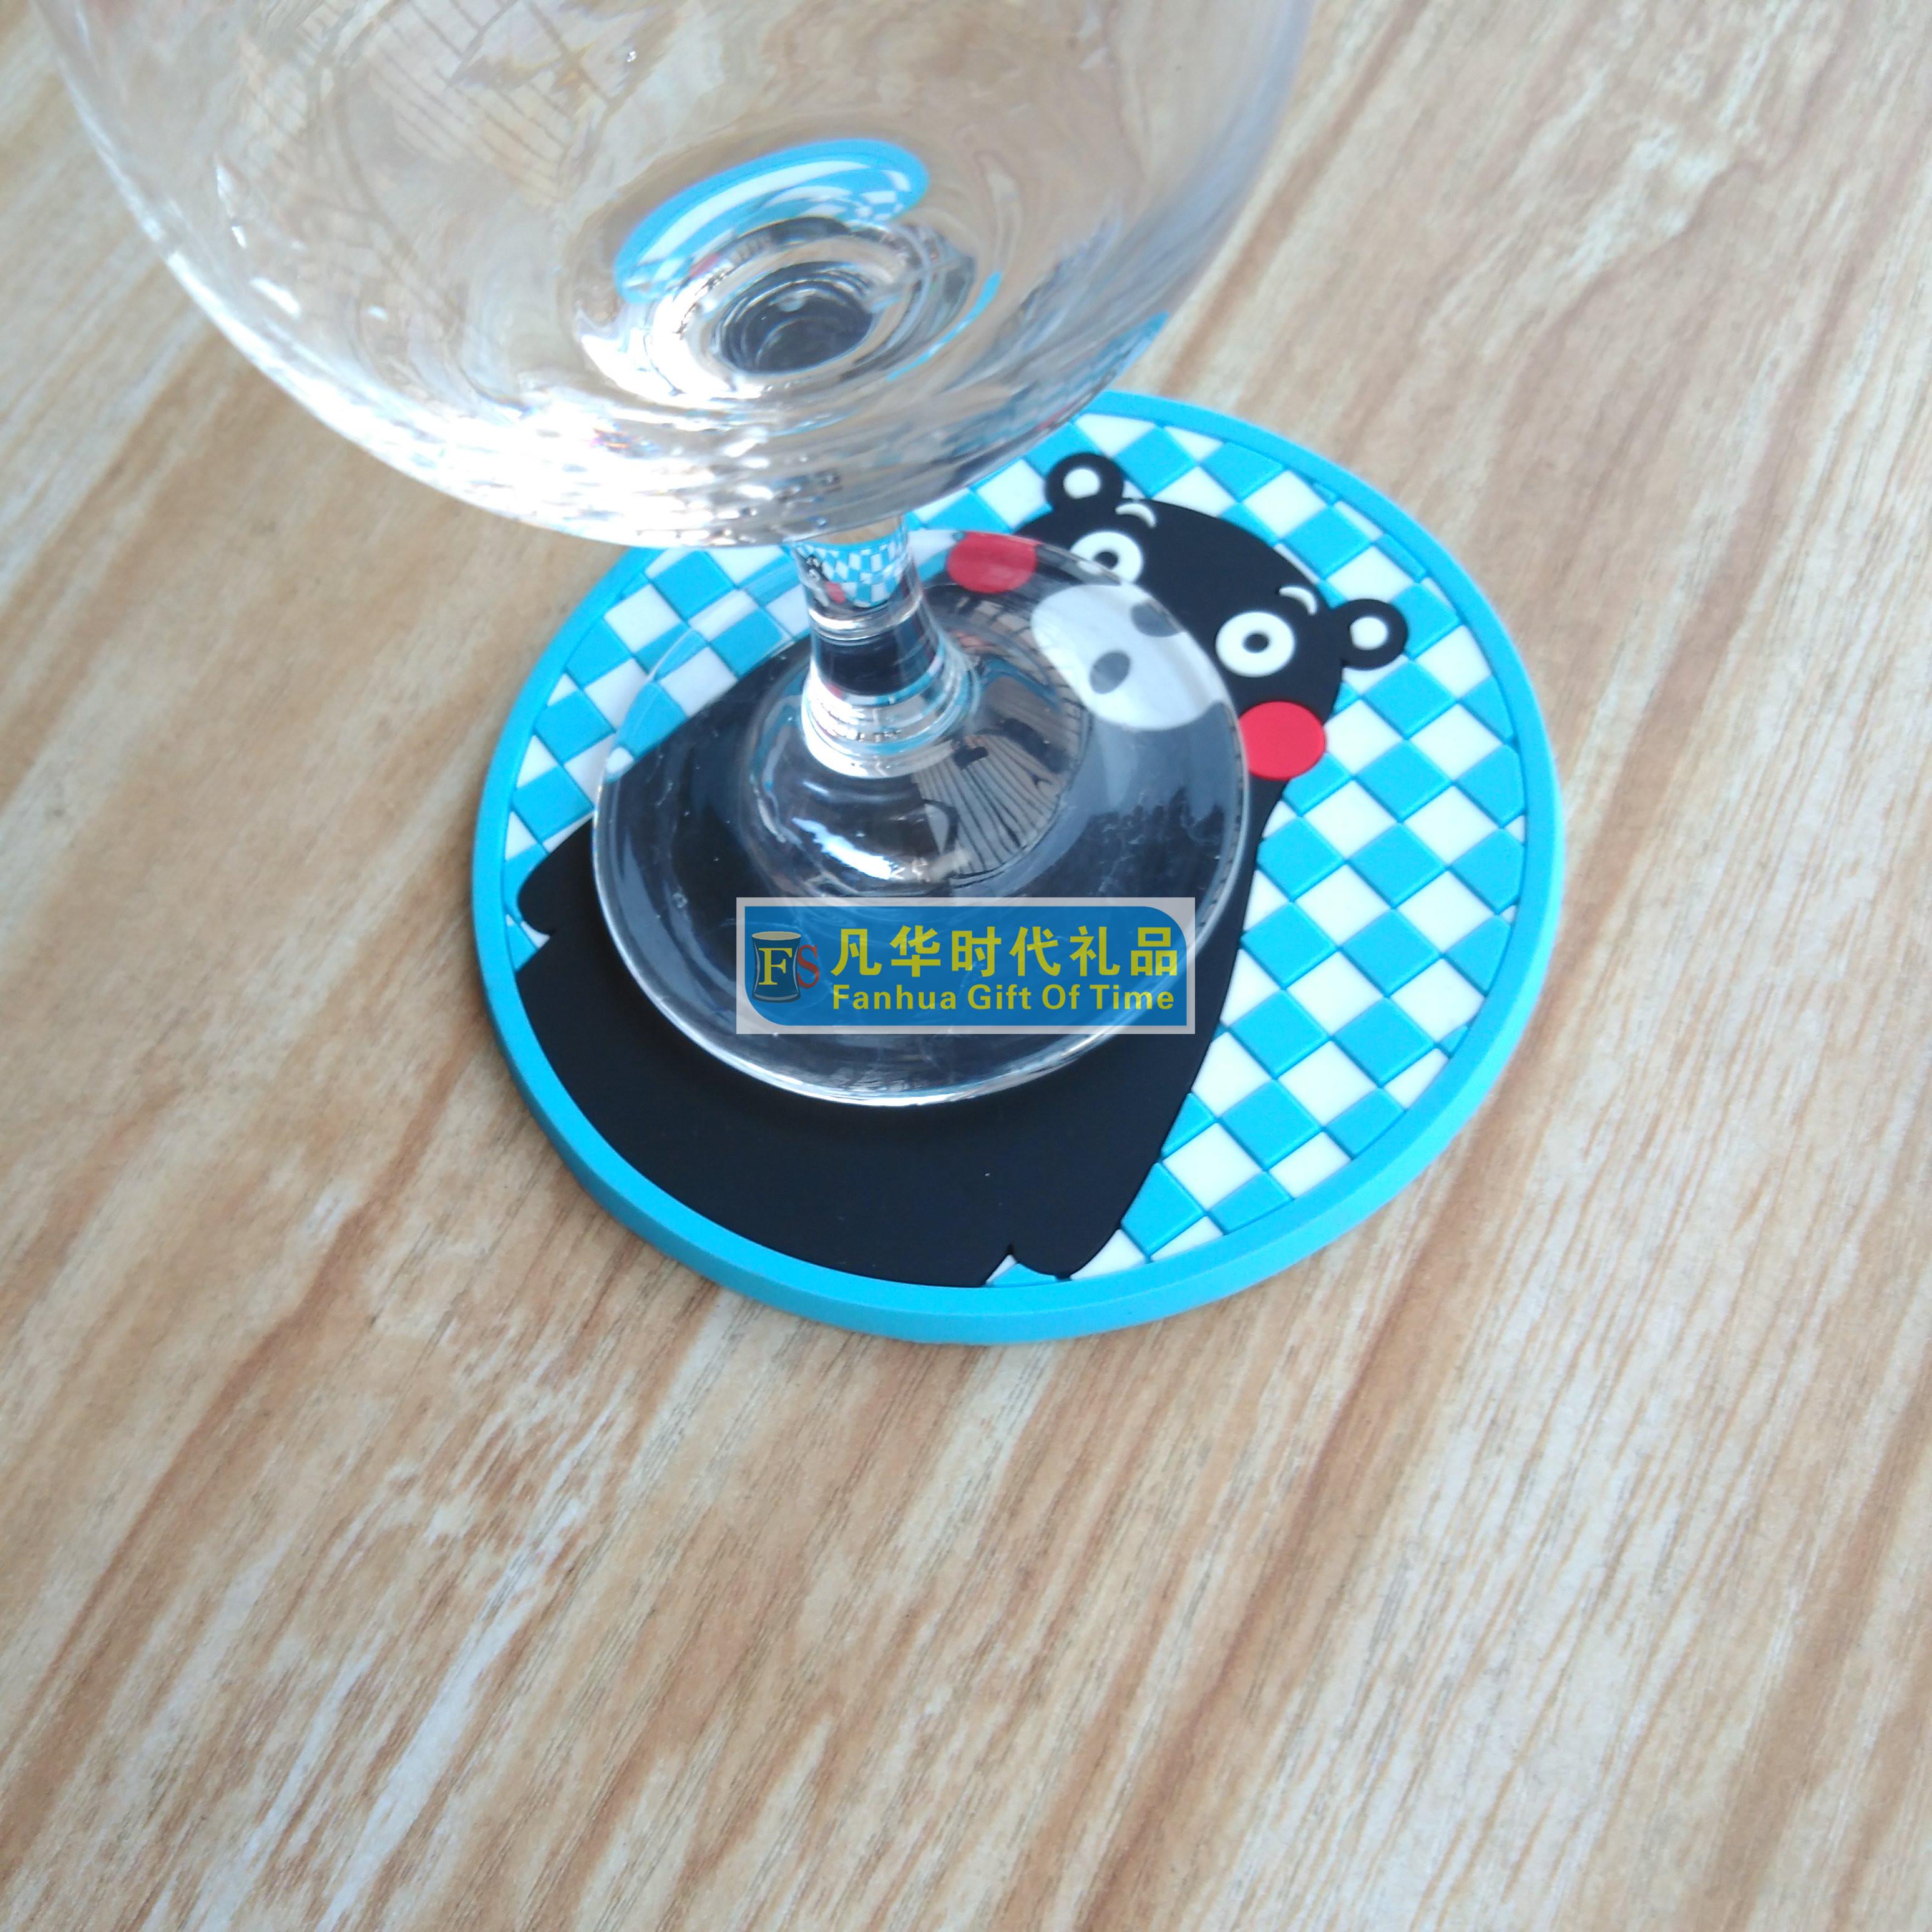 杯垫礼品厂家为您供应时尚创意广告礼品杯垫 塑胶杯垫 PVC杯垫